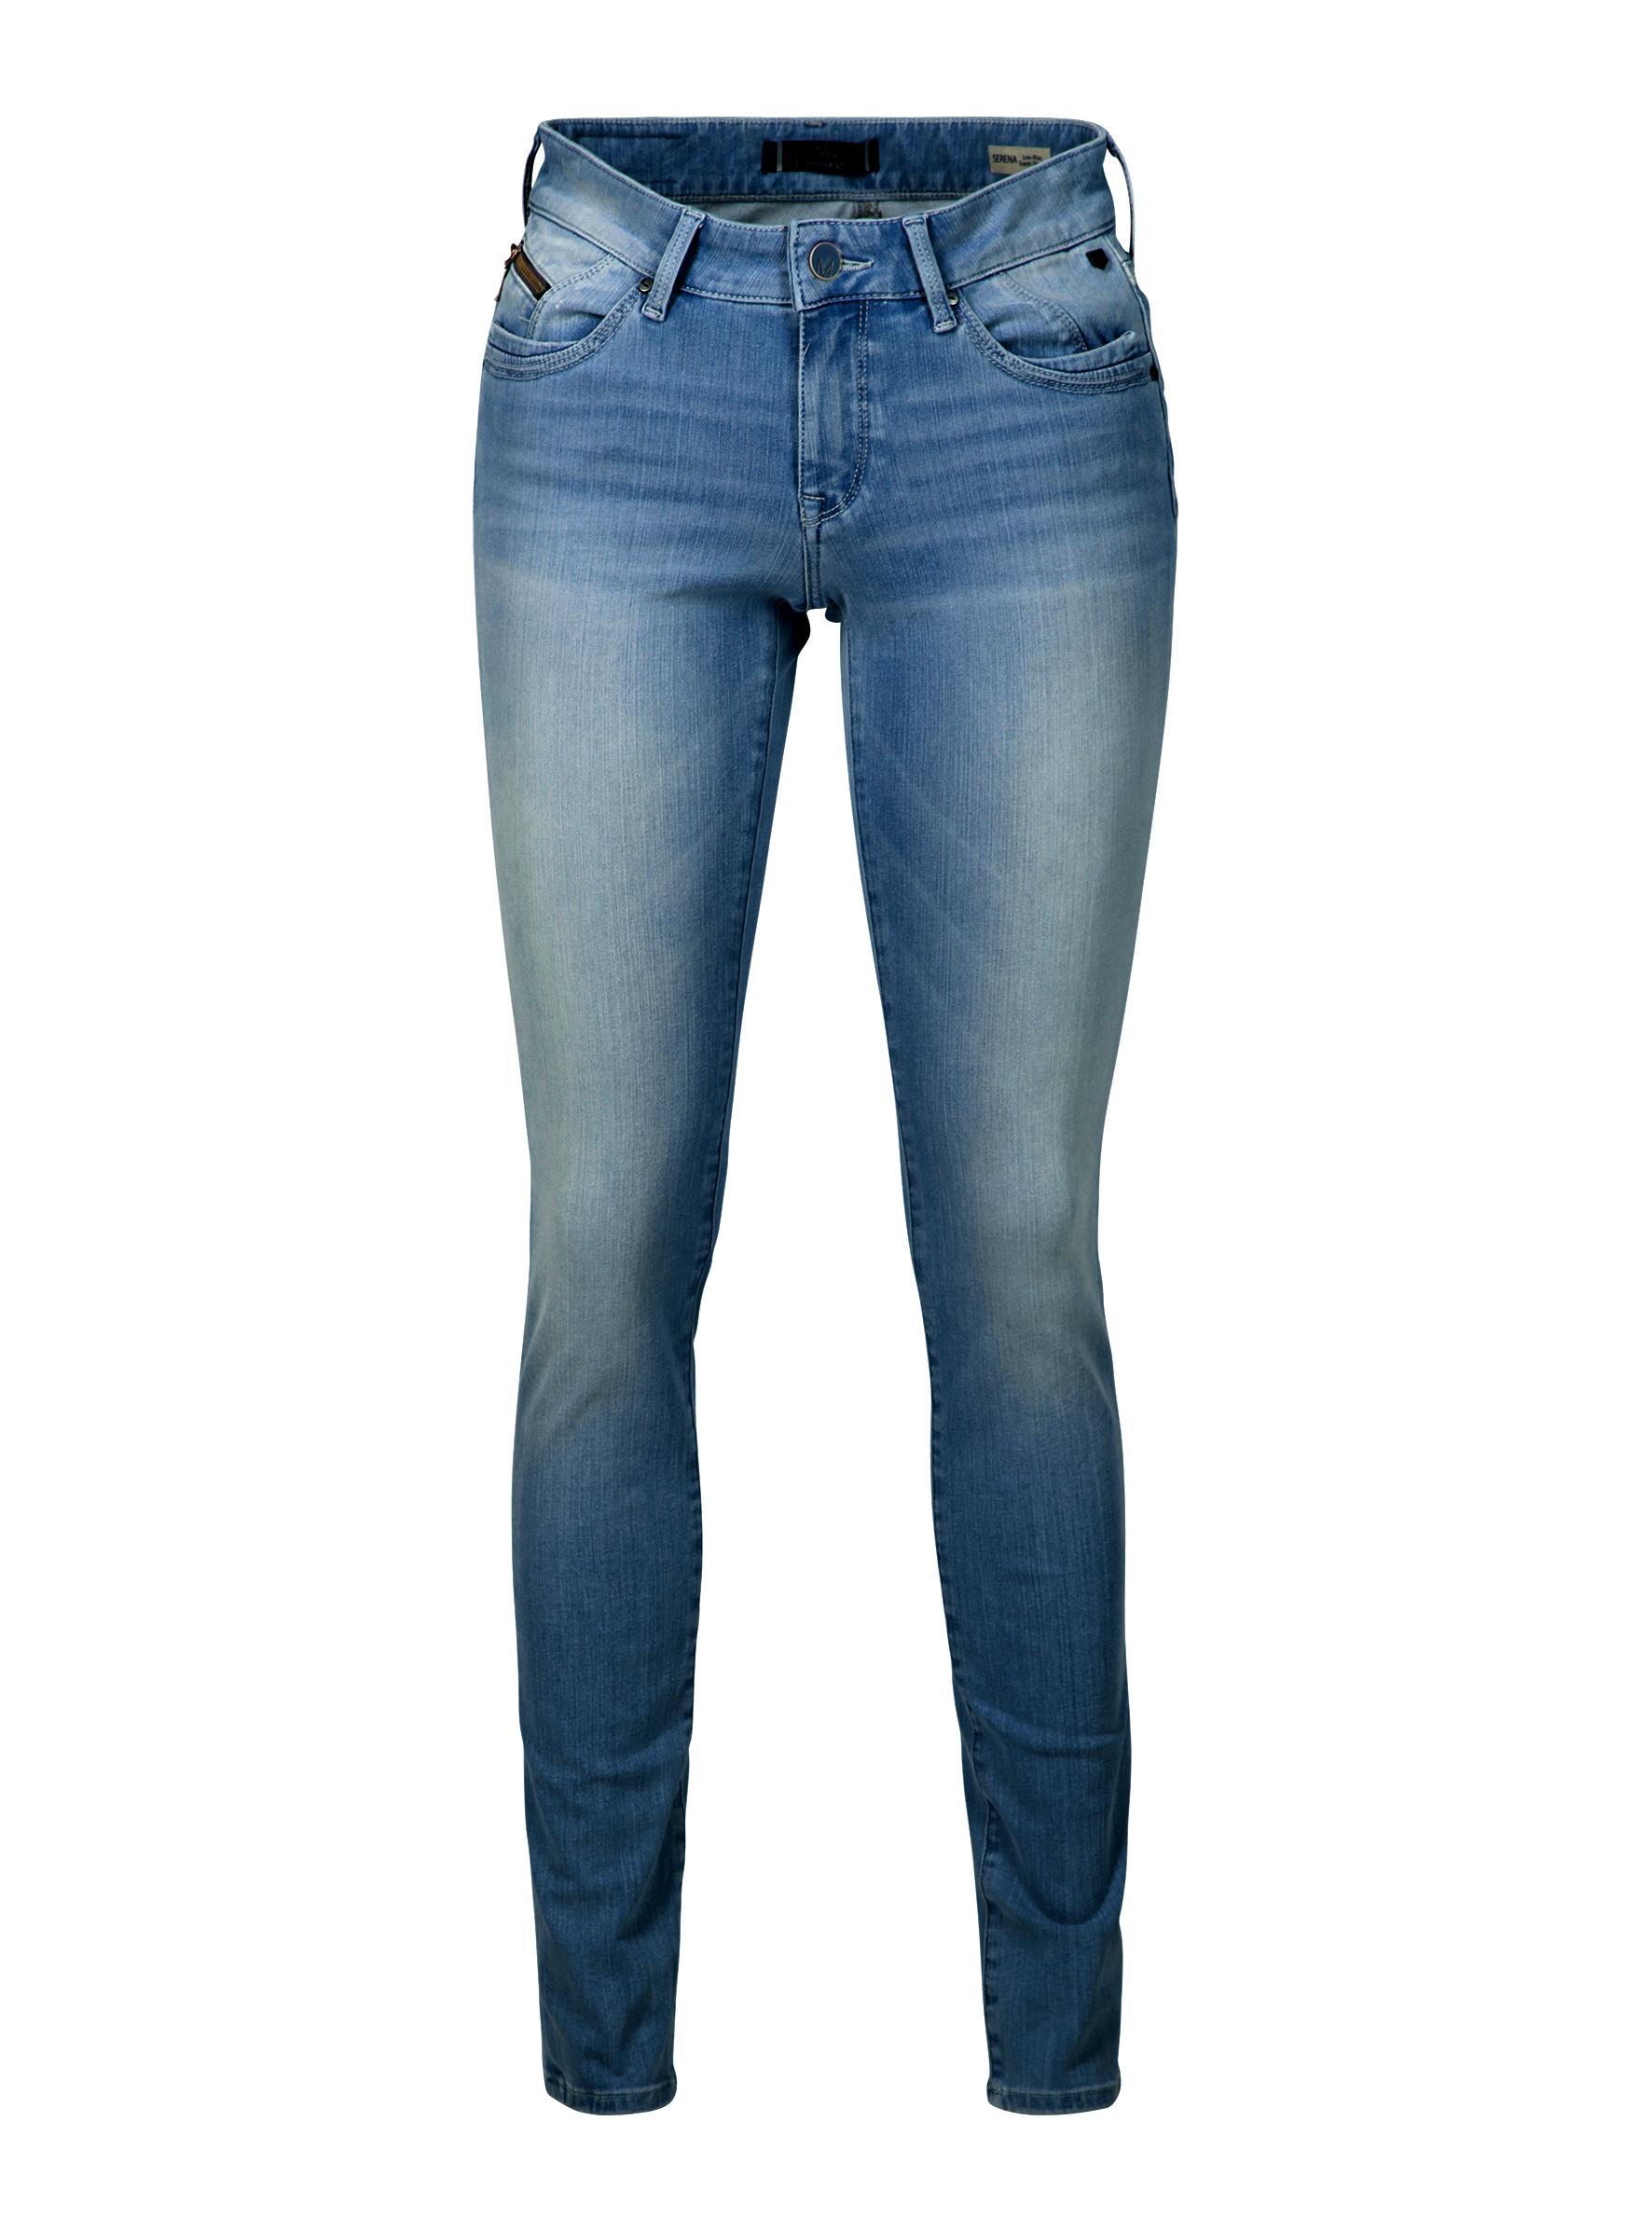 Serena Glam Fit mit Super Skinny Bein in einer Vintage Waschung in der Mavi Jeans Kollektion